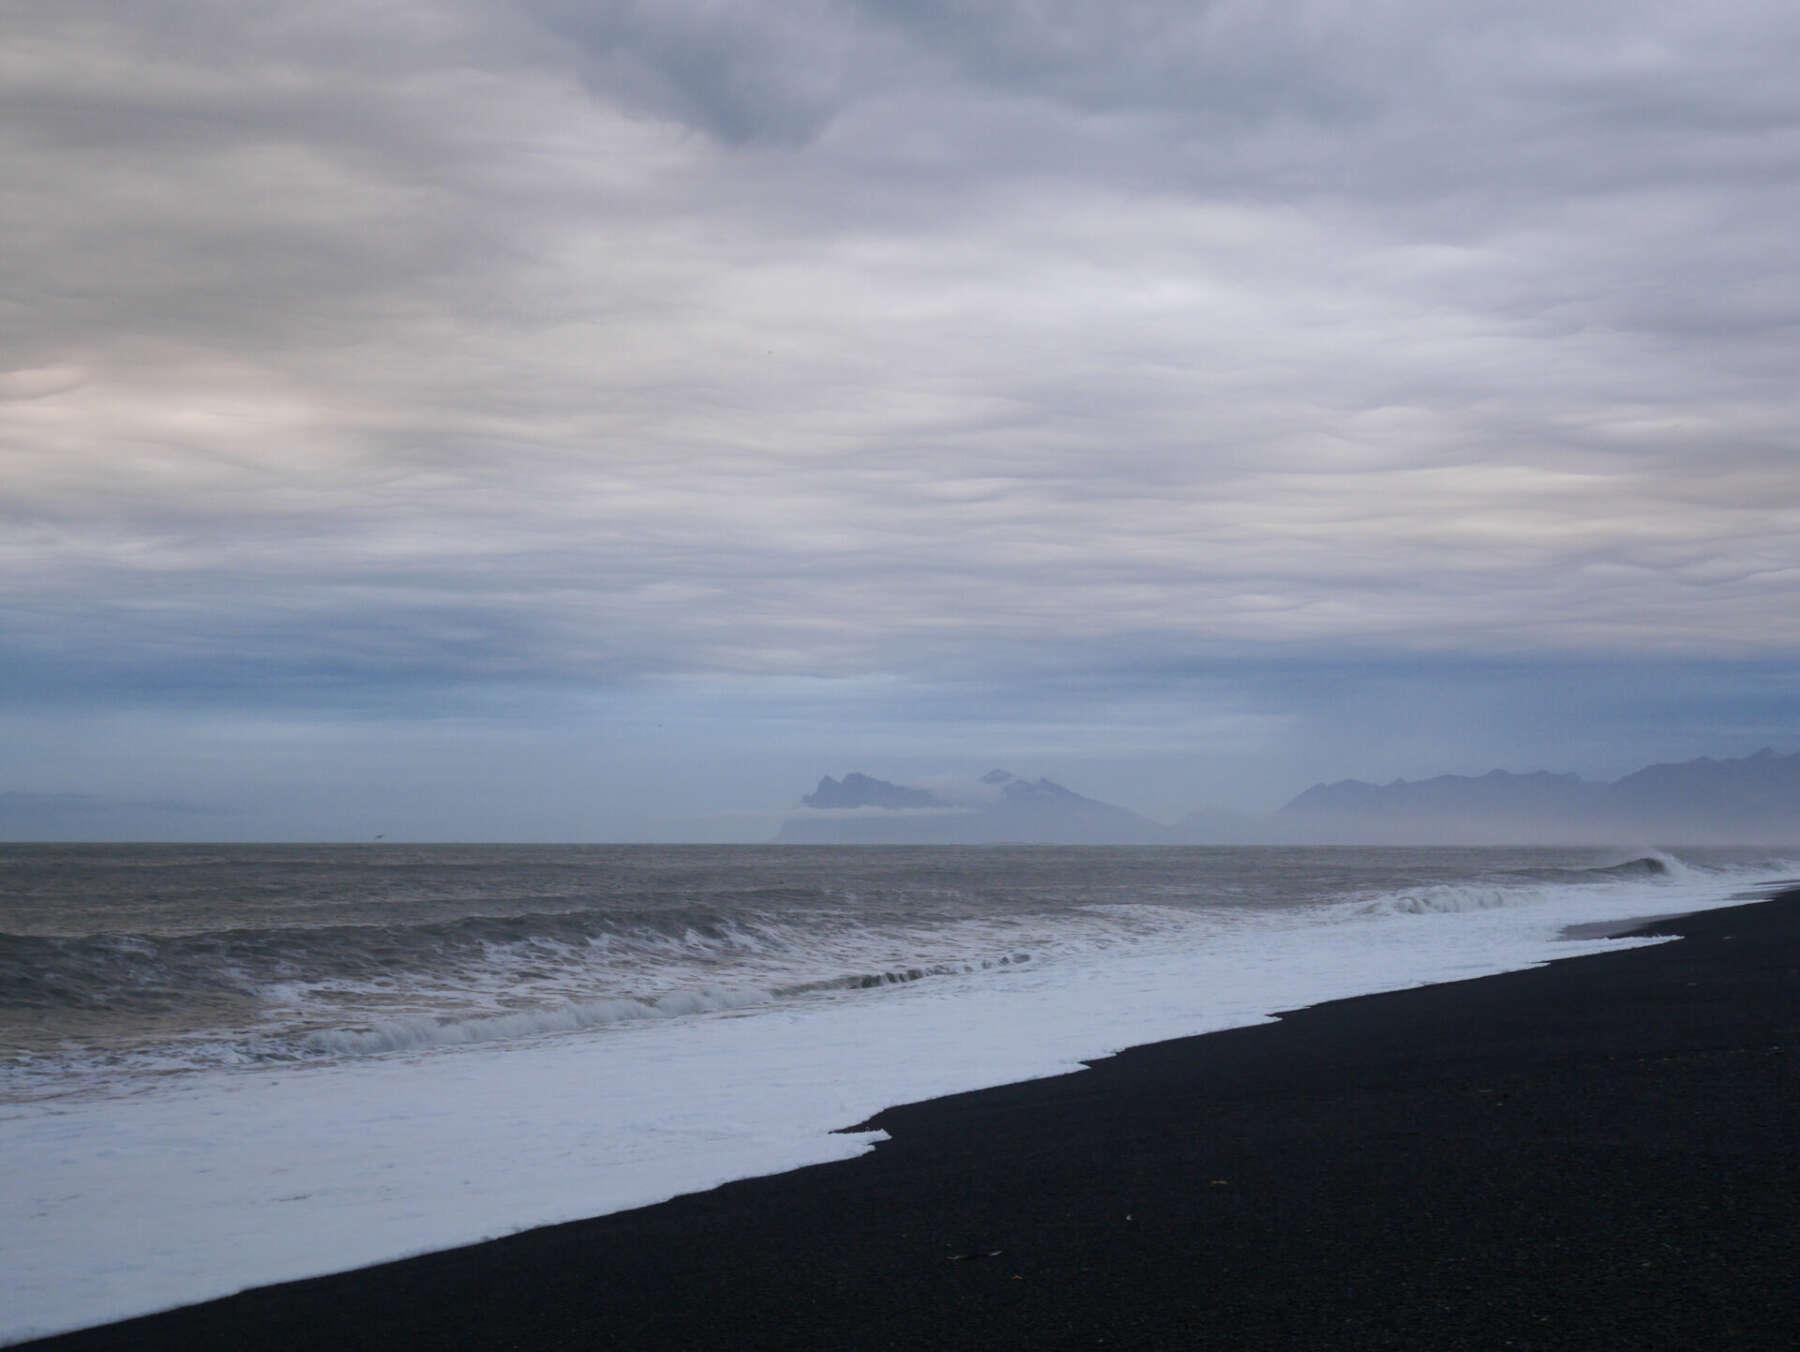 ชายหาดสีดำ (Black Sand Beach)